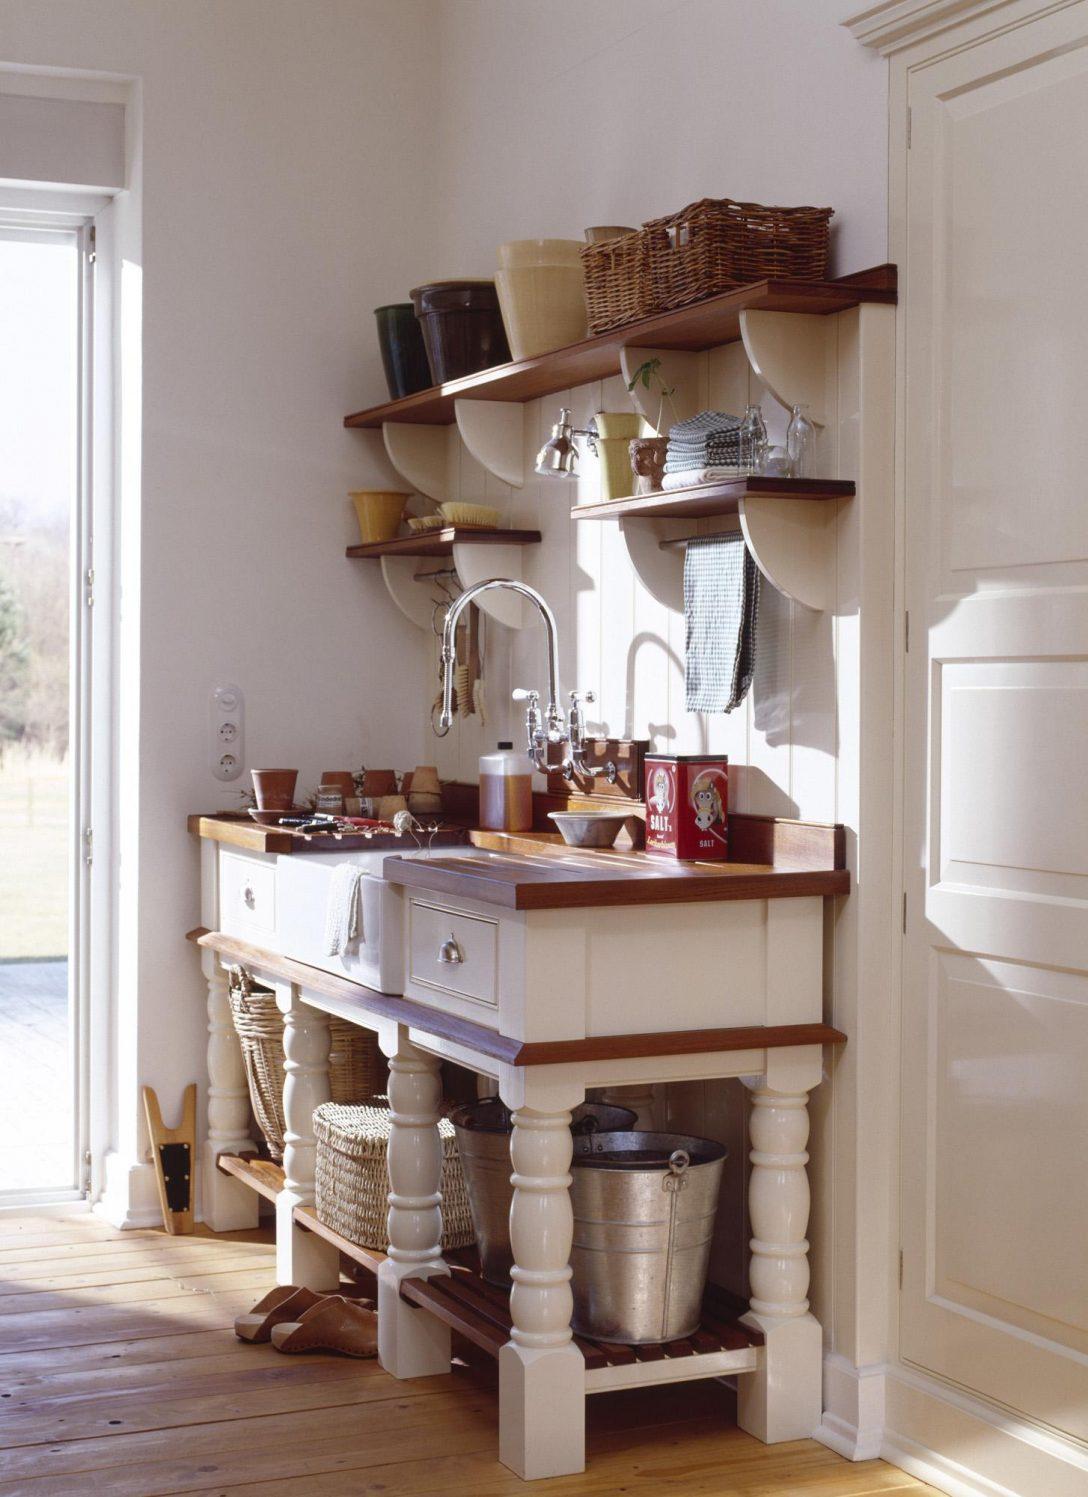 Large Size of Mini Küche Mit Gasherd Single Mini Küche Mini Küche Einbauen Lassen Mini Küche Selbst Zusammenstellen Küche Mini Küche